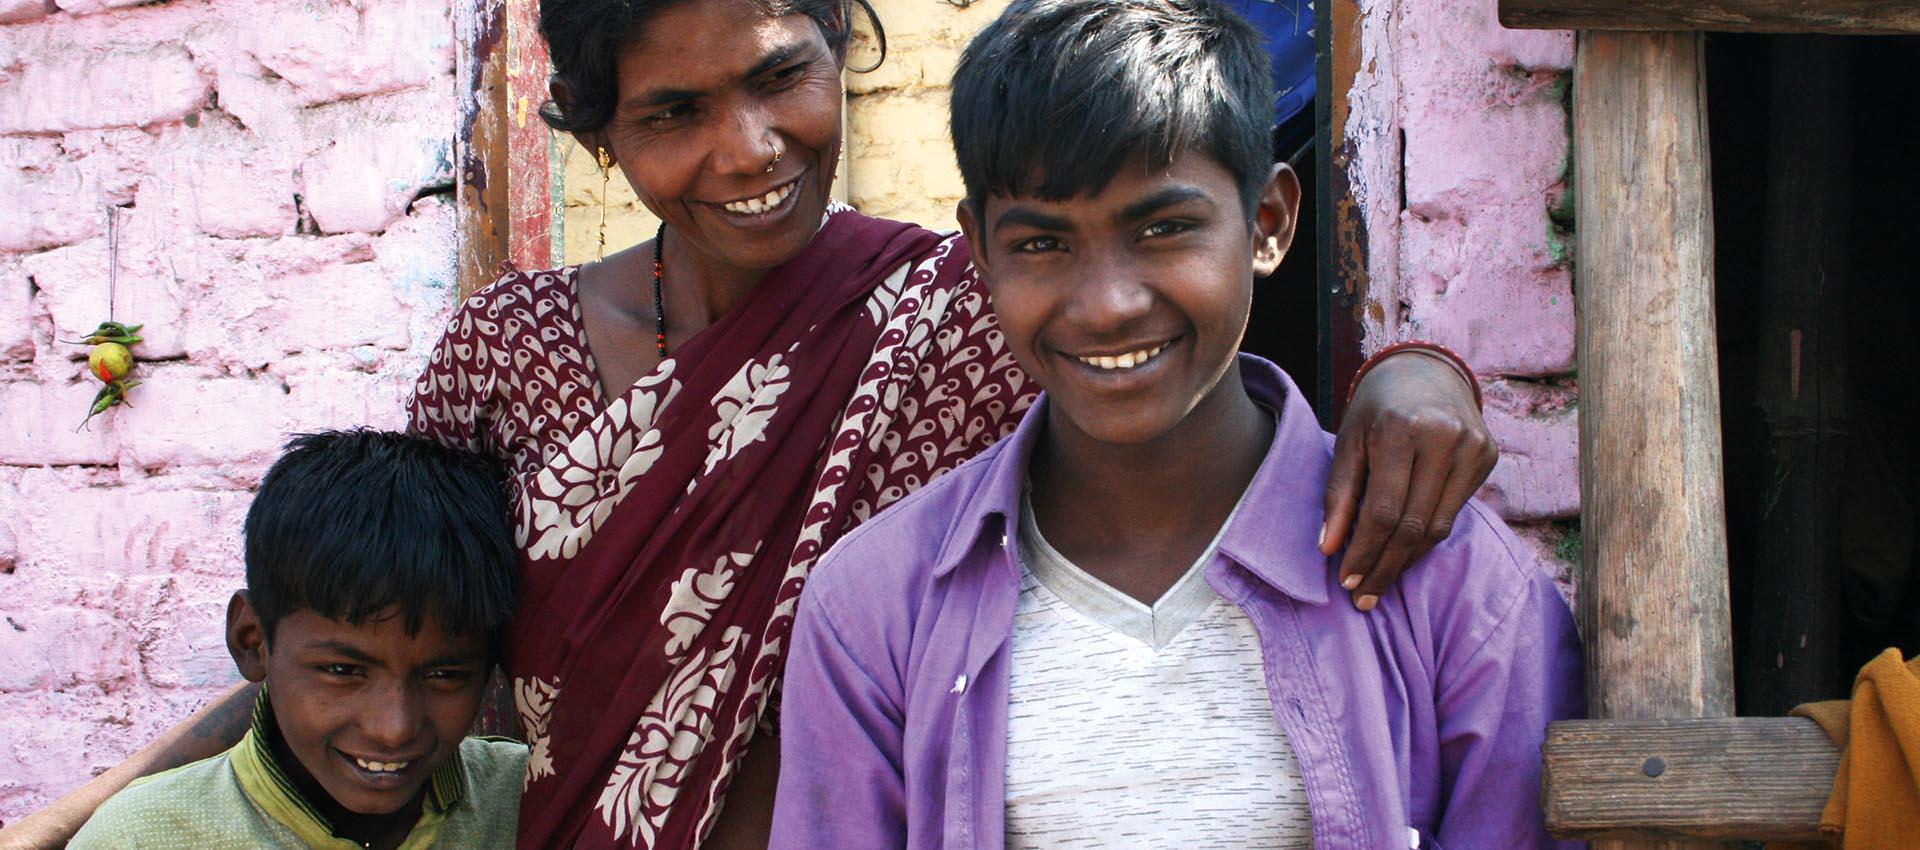 Här är mamma Geeta från Indien. Hon står här med sina söner Vinod 14 år och Sinod 10 år. Hon har också tre döttrar som heter Chanchal, Chandini och Payal.